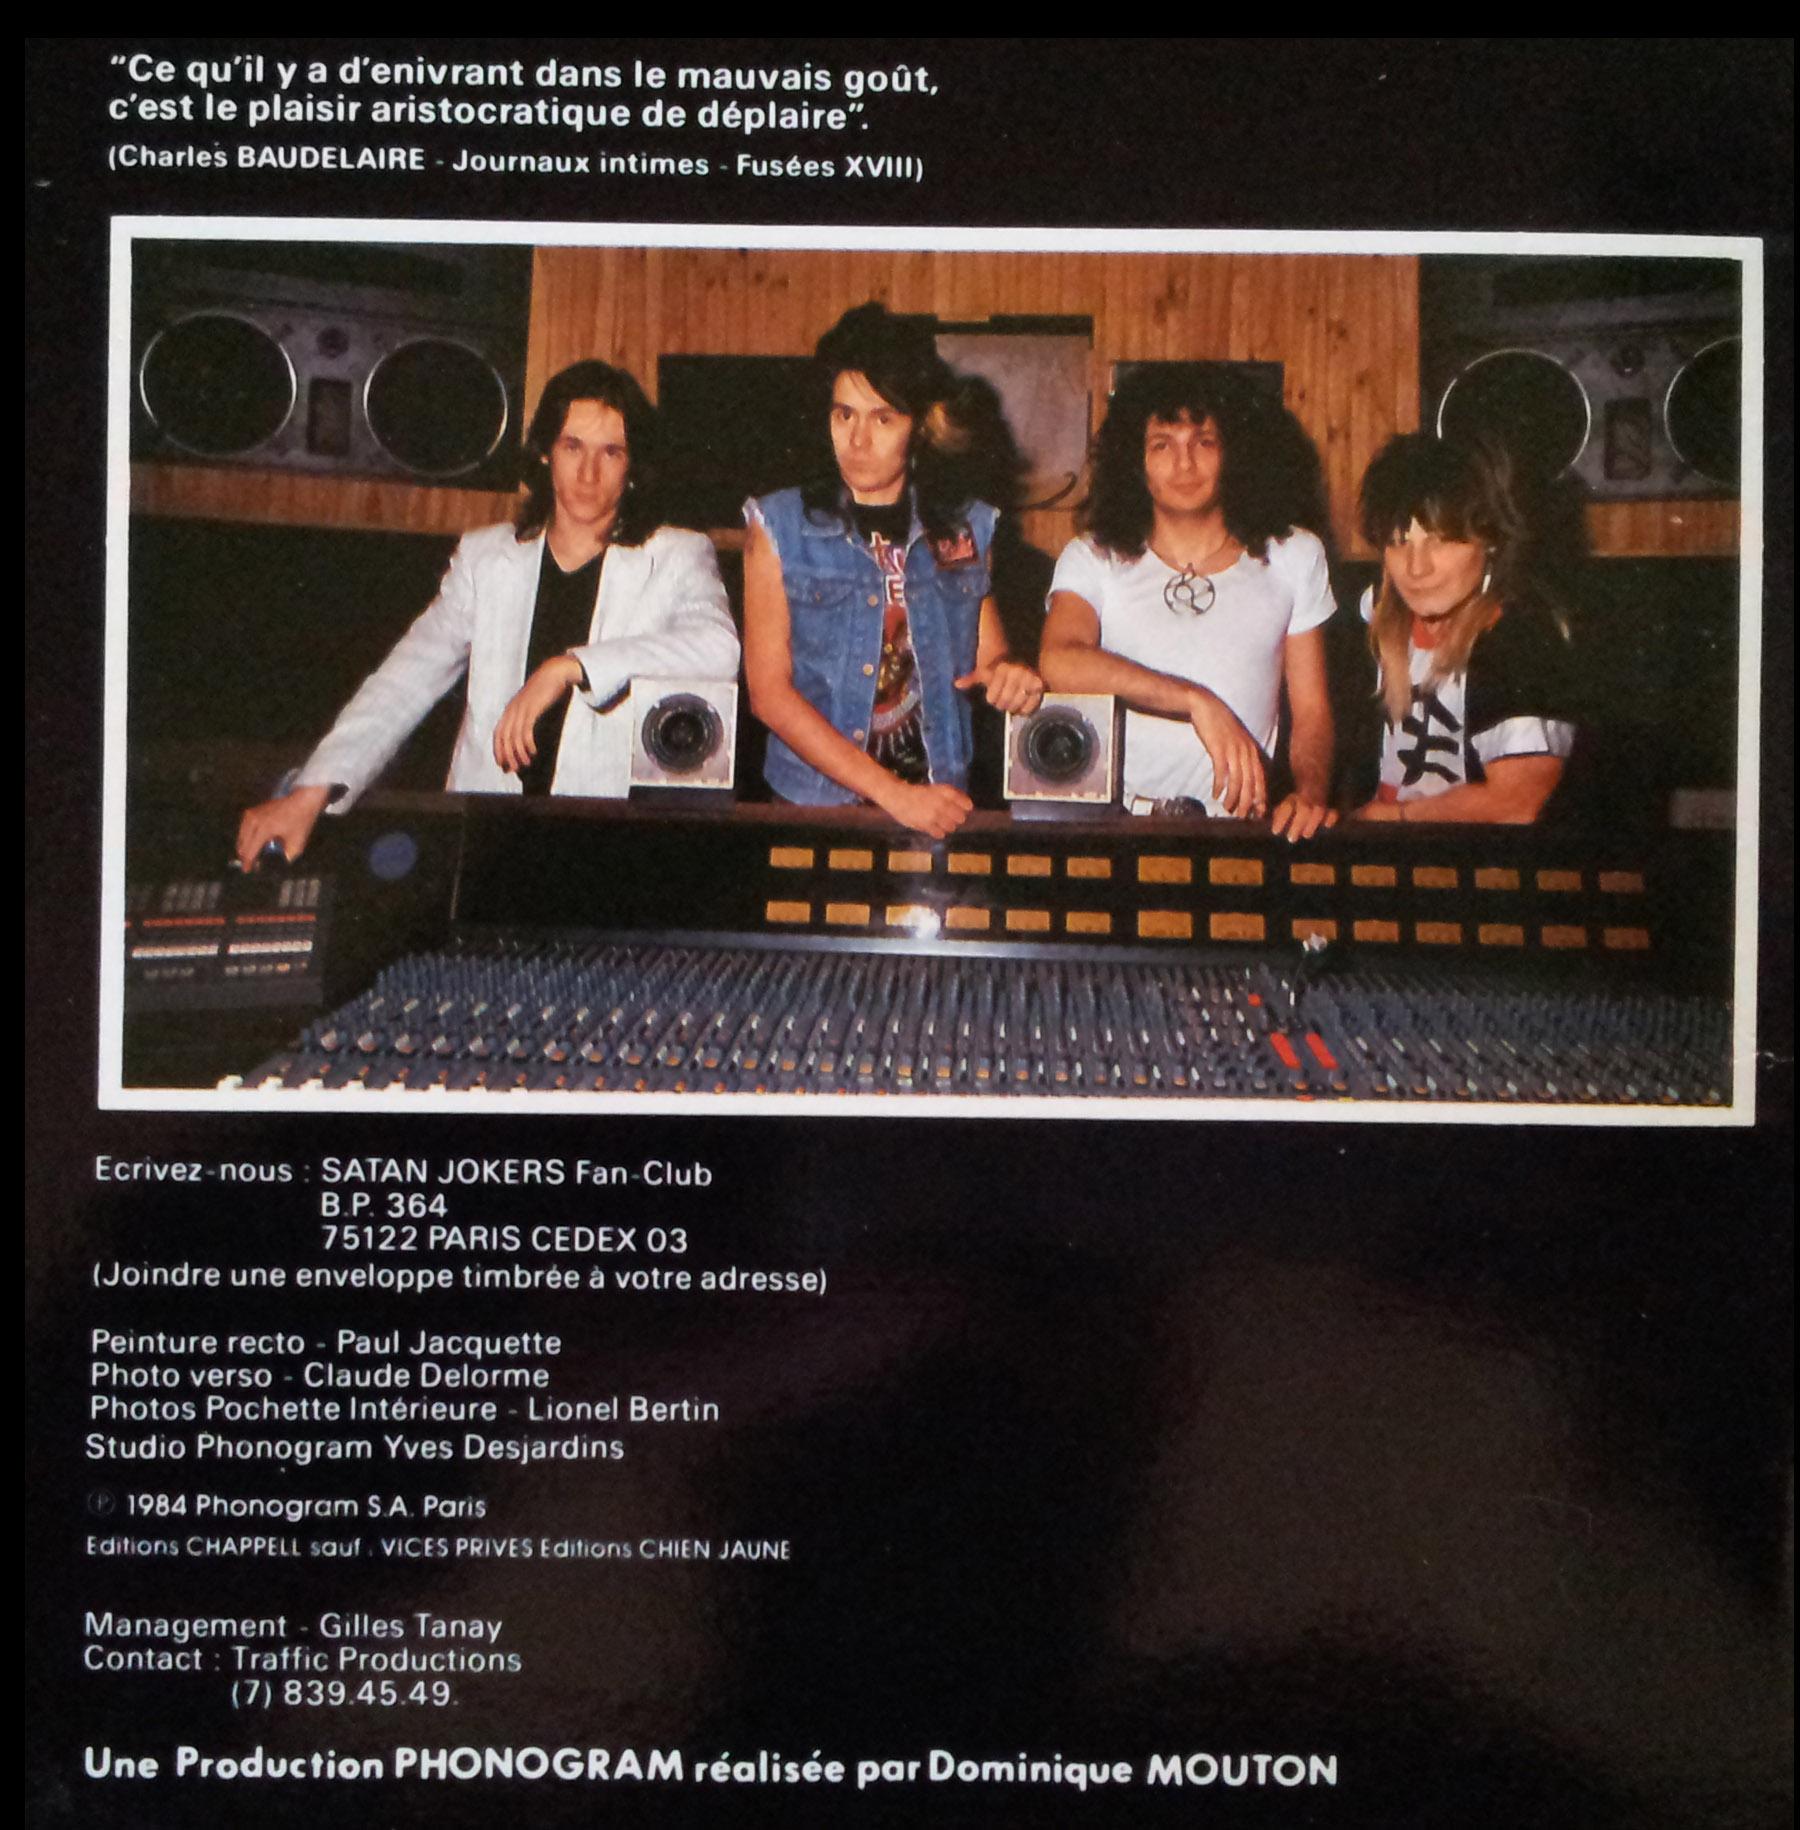 SATAN JOKERS Trop fou pour toi (1984) le vinyle vu de plus près ... 518